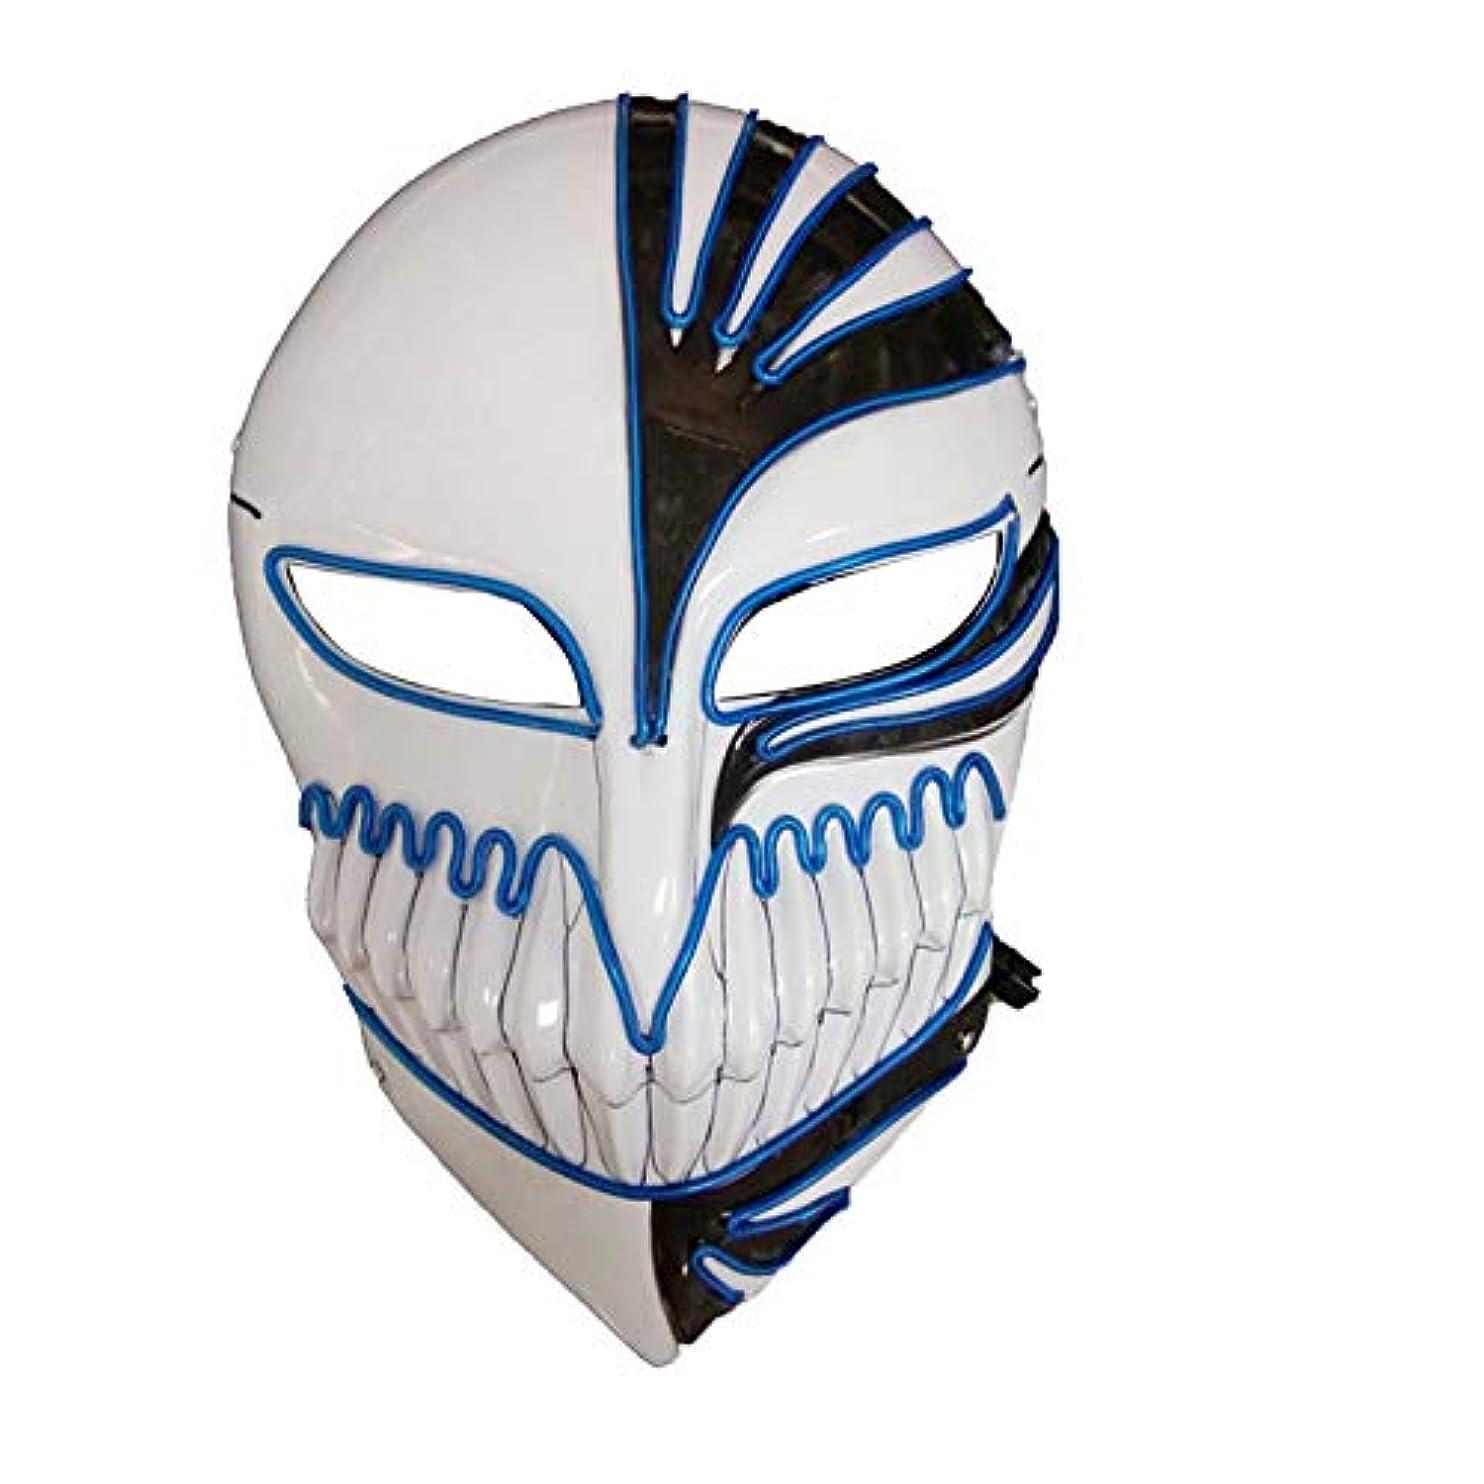 ウィンクサージ医薬品LEDハロウィーンマスクライトアップマスクグローイングマスク、コスプレ、ブルー